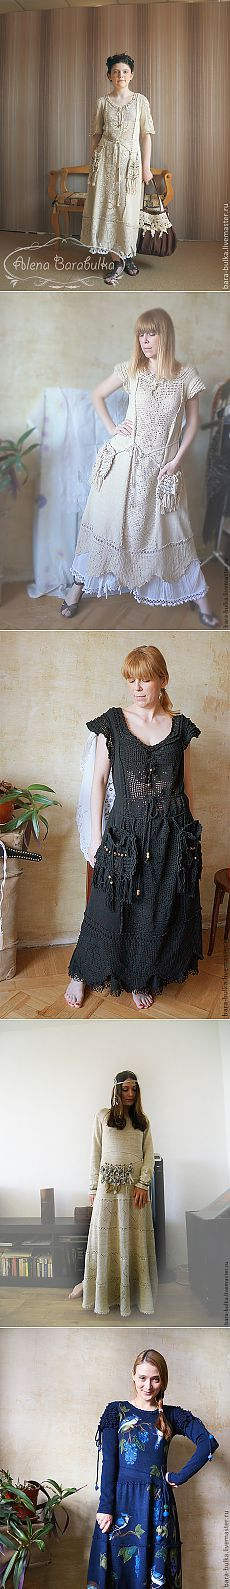 Любуемся и вдохновляемся коллекцией мастера Alena Barabulka (ч.1)